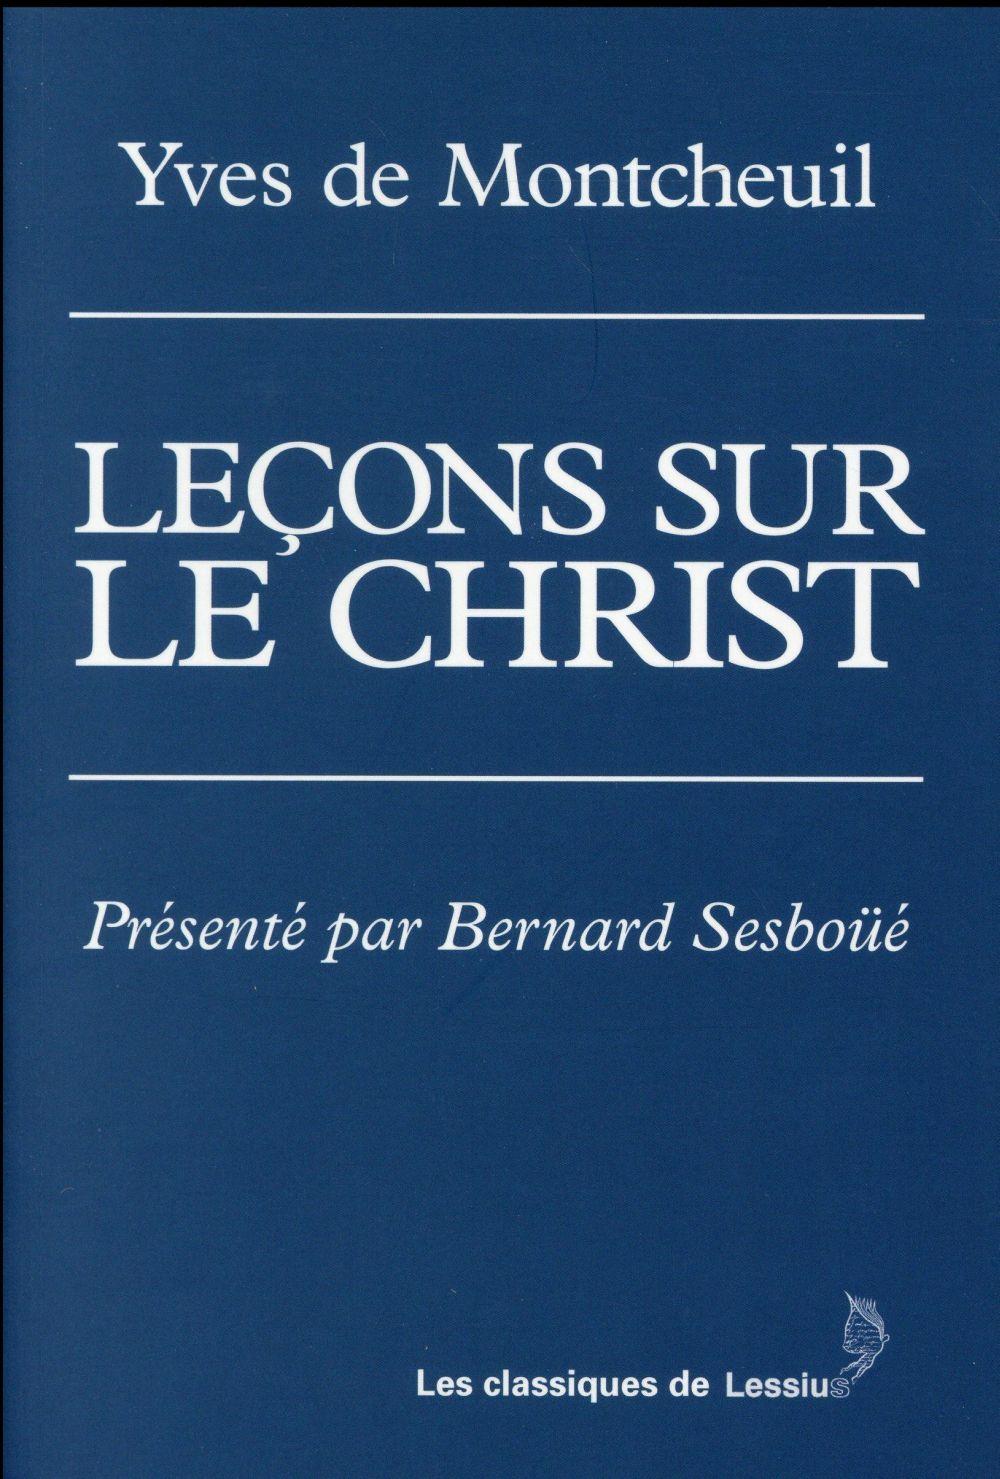 LECONS SUR LE CHRIST